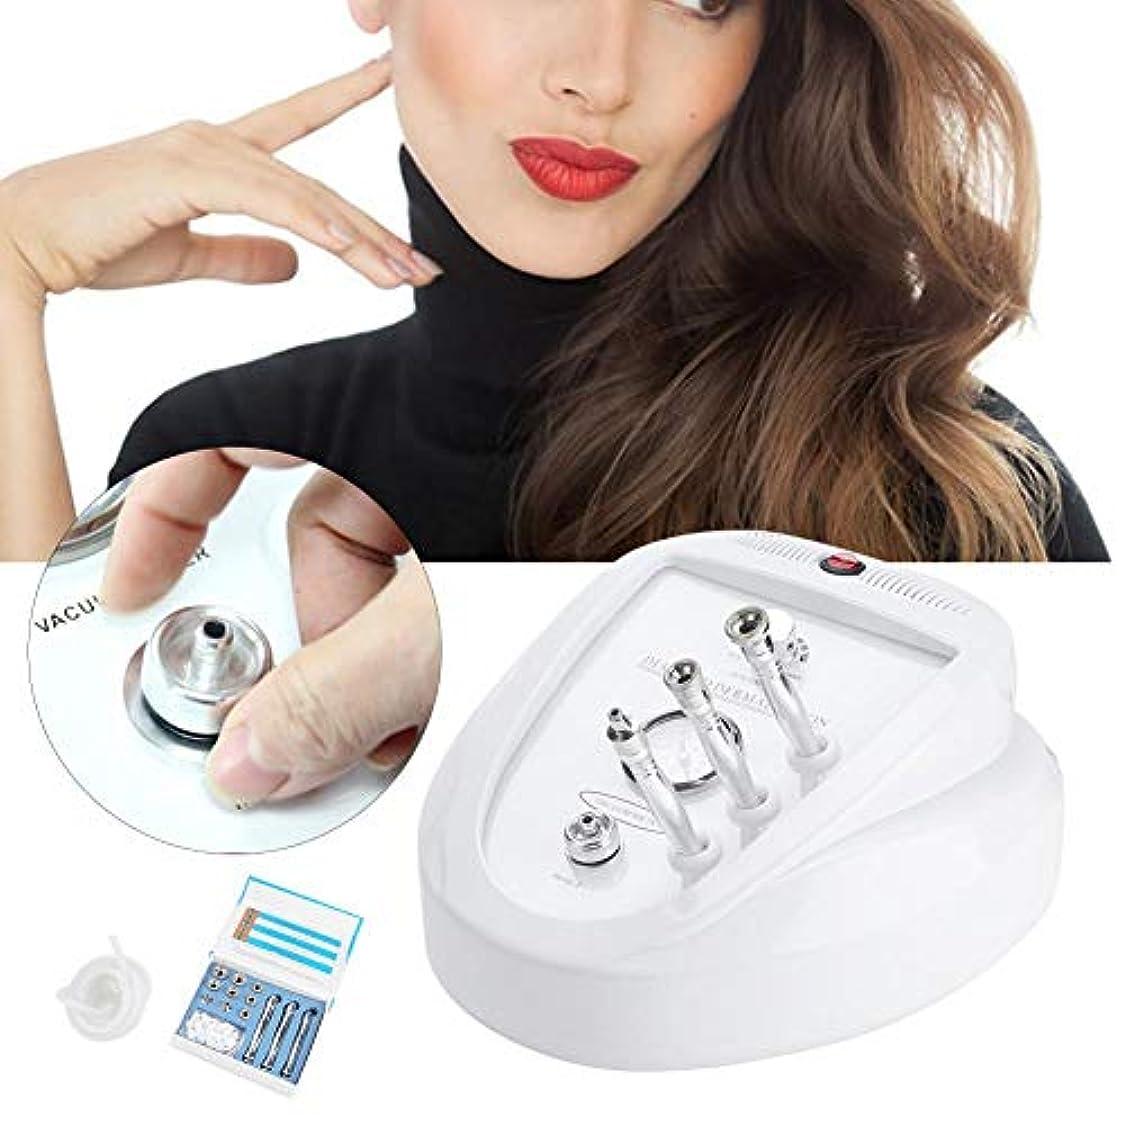 うがい薬免疫ヘッジ3 in 1ダイヤモンド皮膚剥離機、肌の若返り装置、フェイスリフティングマイクロマッサージエクスフォリエーター用プロのサロン&家庭用ディープクレンジングホワイトニングスキンピーリングシワ削除